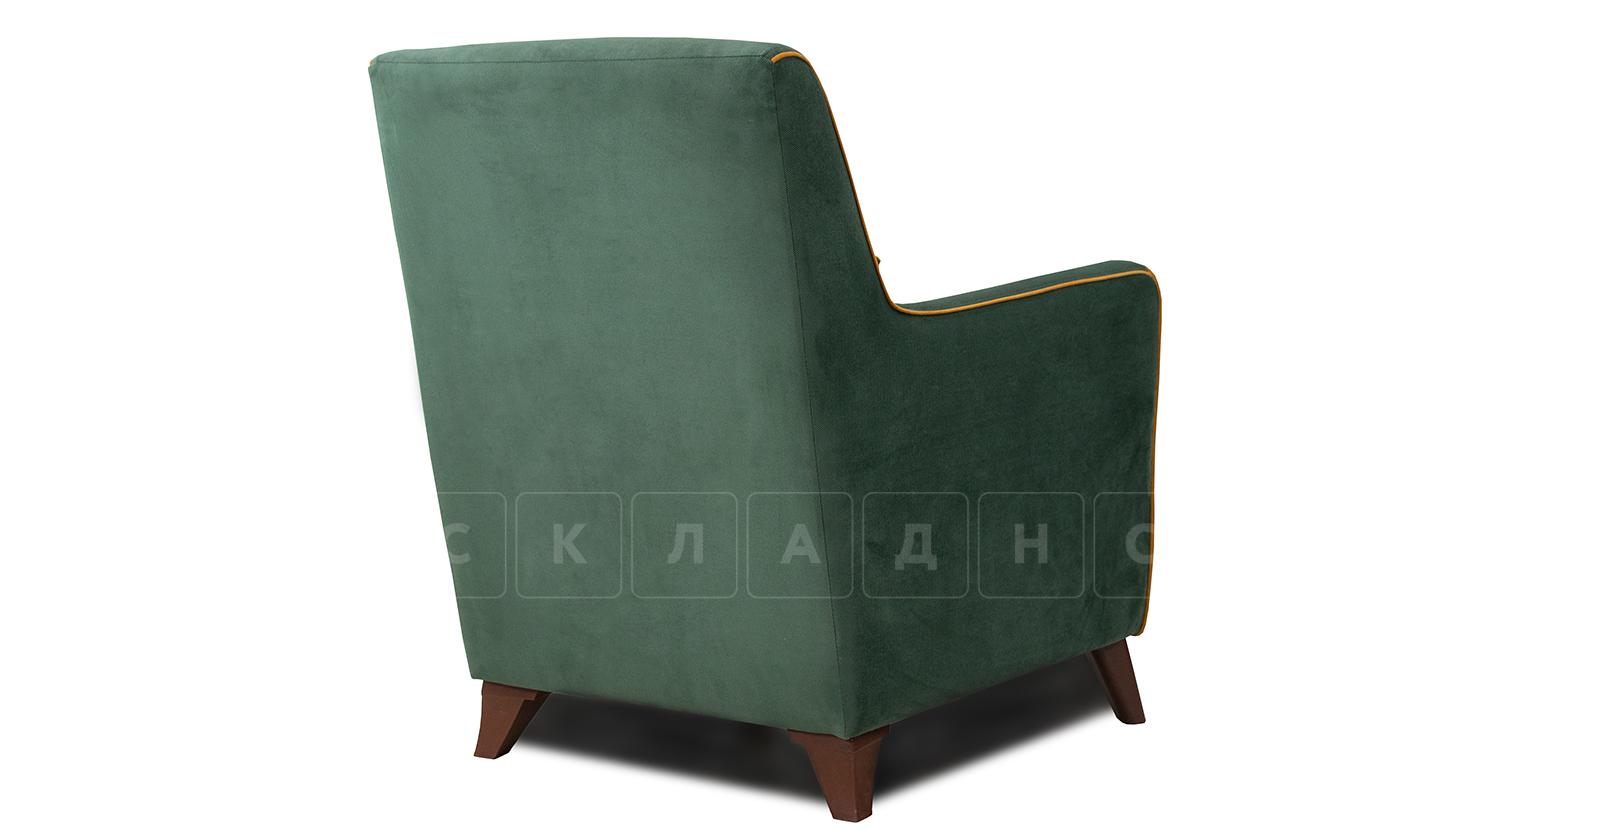 Кресло для отдыха Флэтфорд нефритовый зеленый фото 4 | интернет-магазин Складно